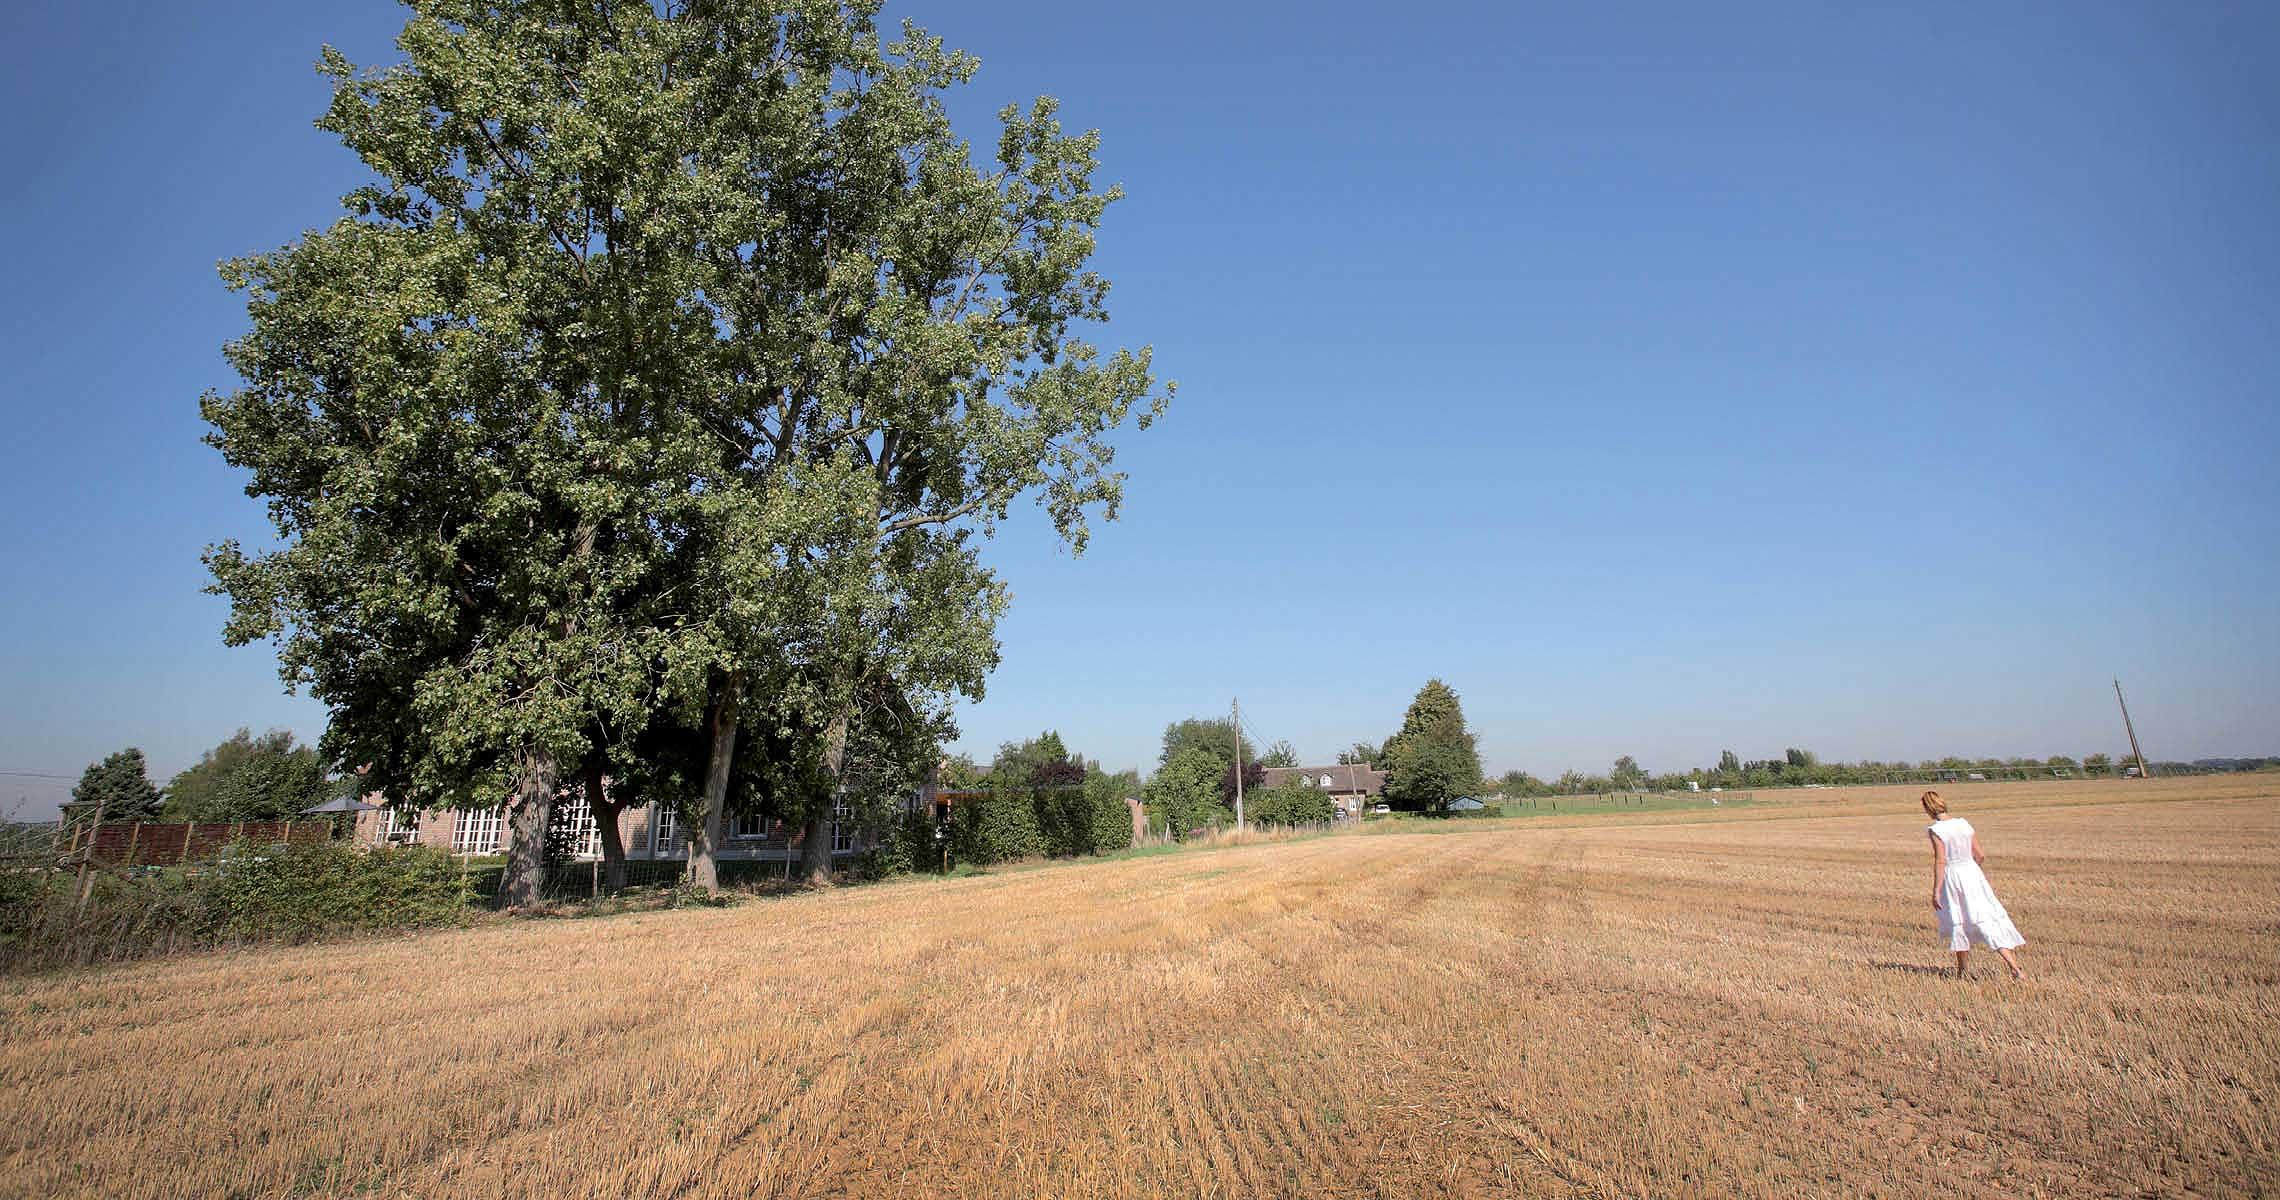 Vast Hageland field large trees wide sky